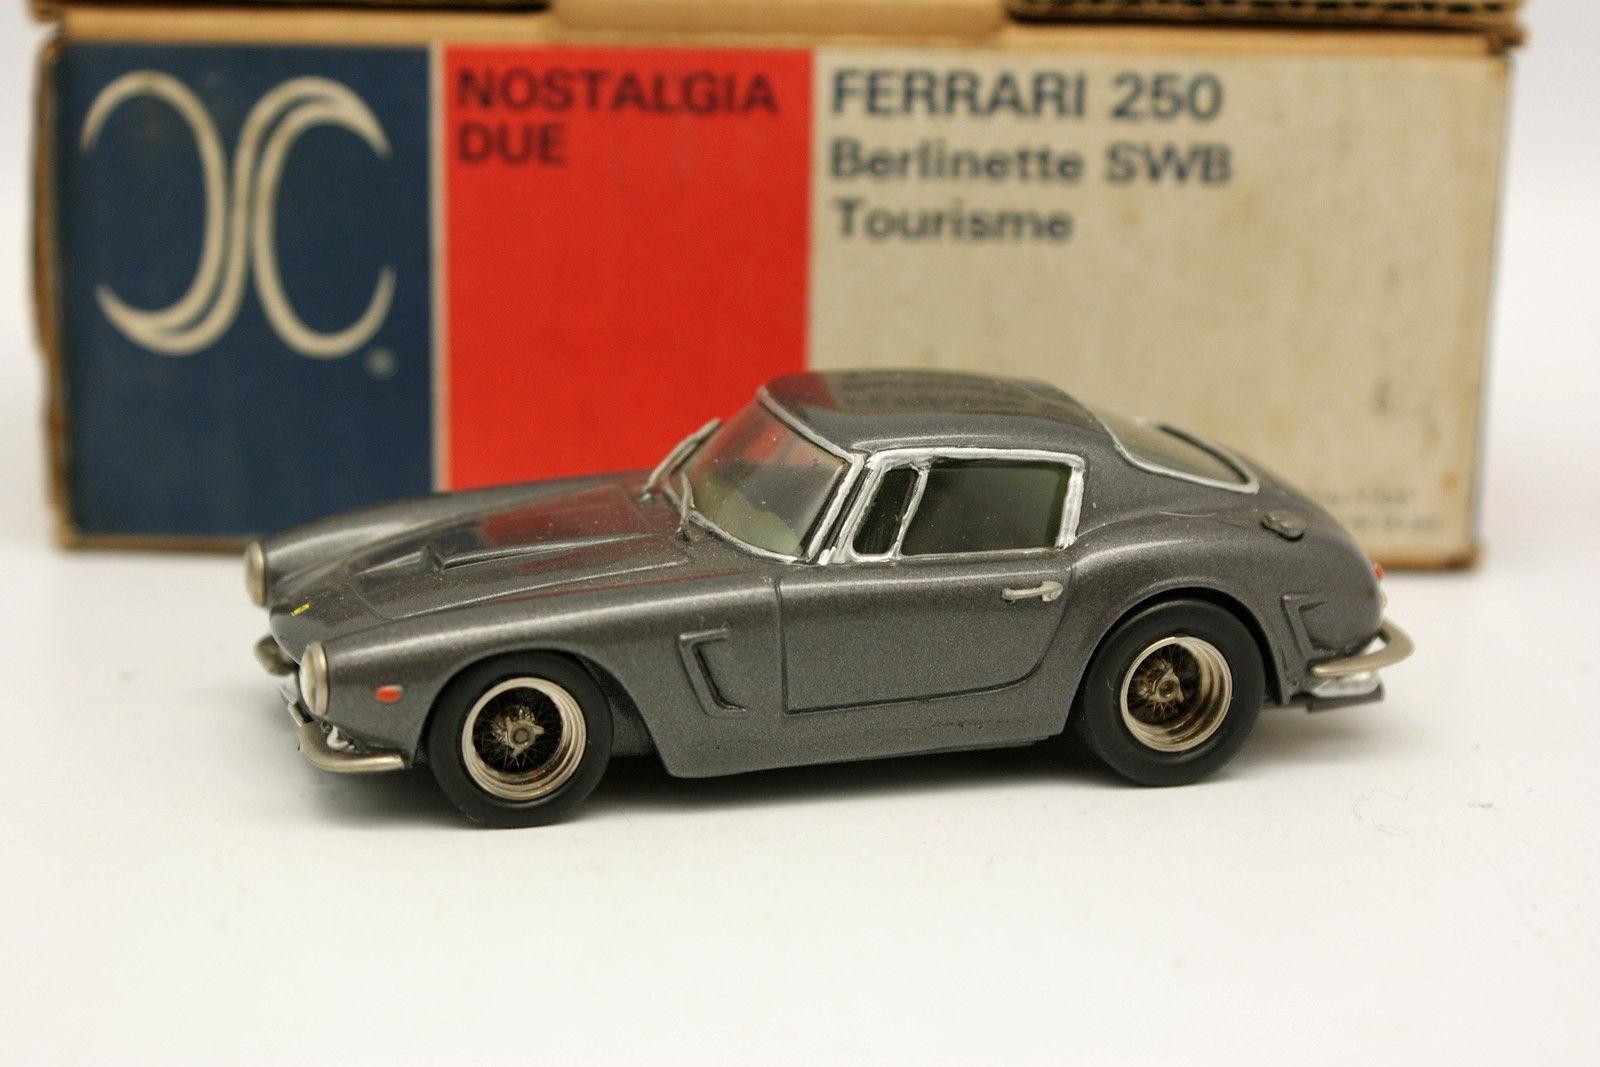 AMR 1 43 - Ferrari 250 SBW Grey